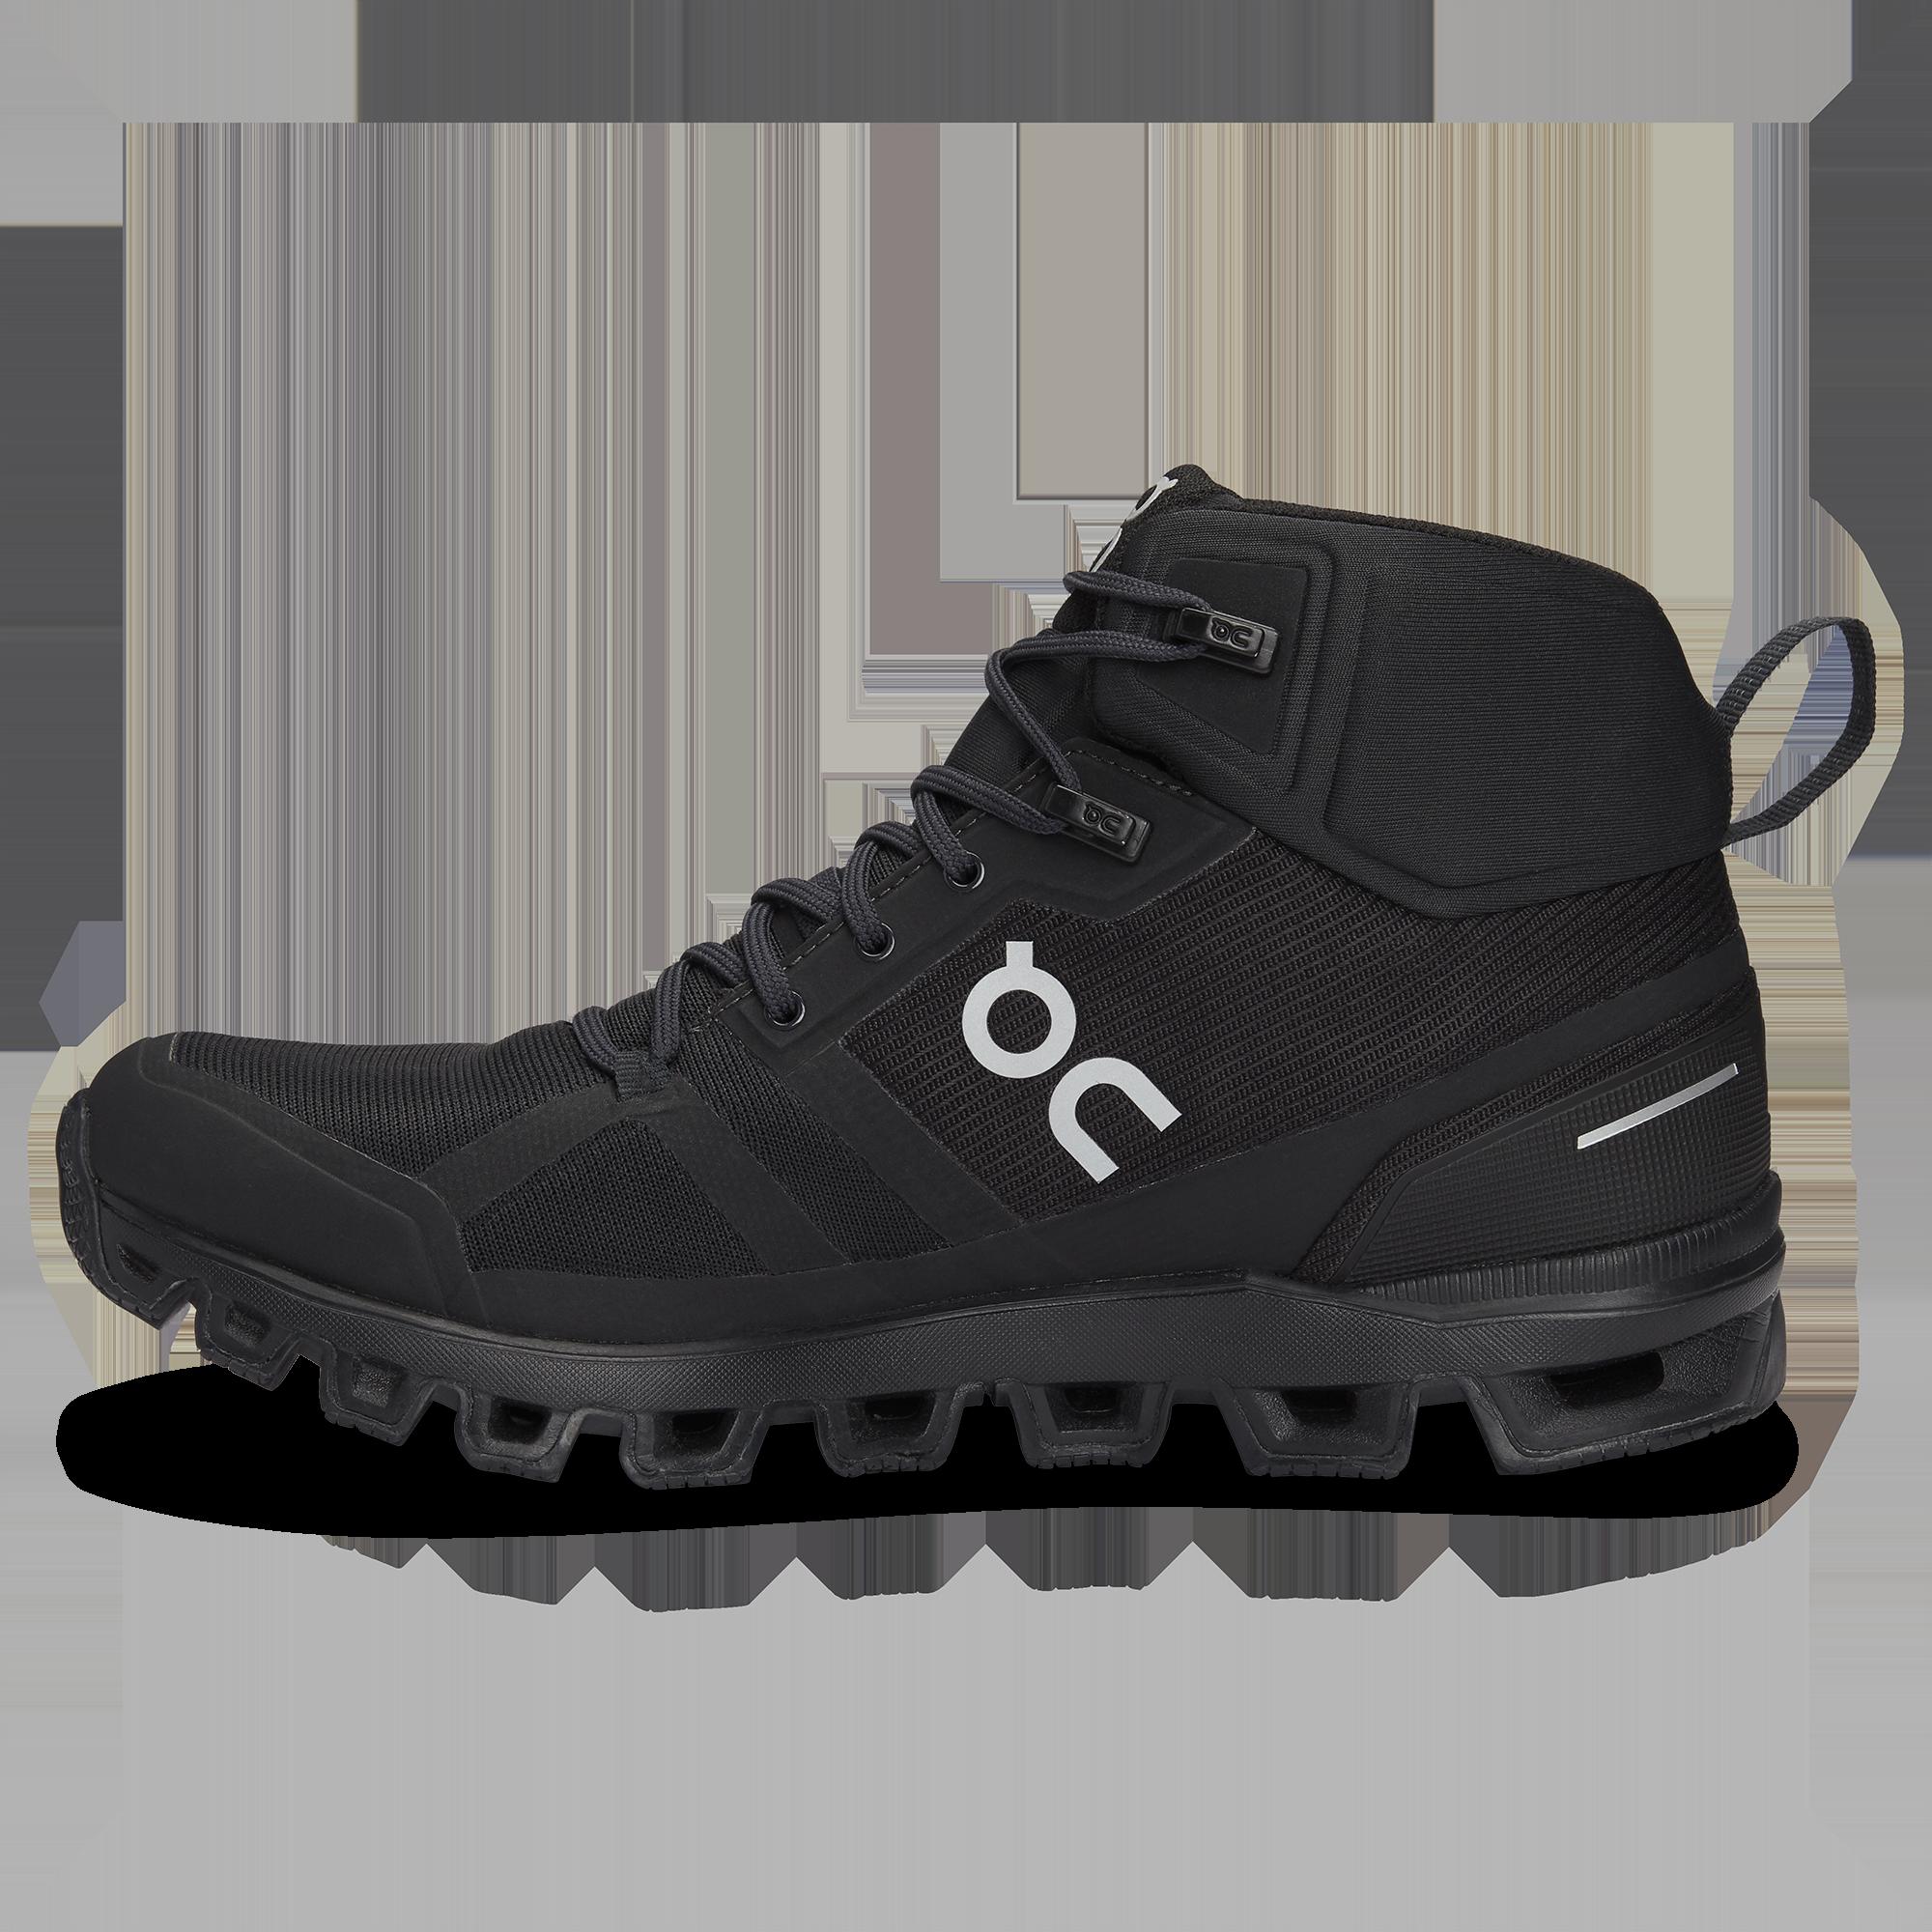 Lightweight Hiking Boot